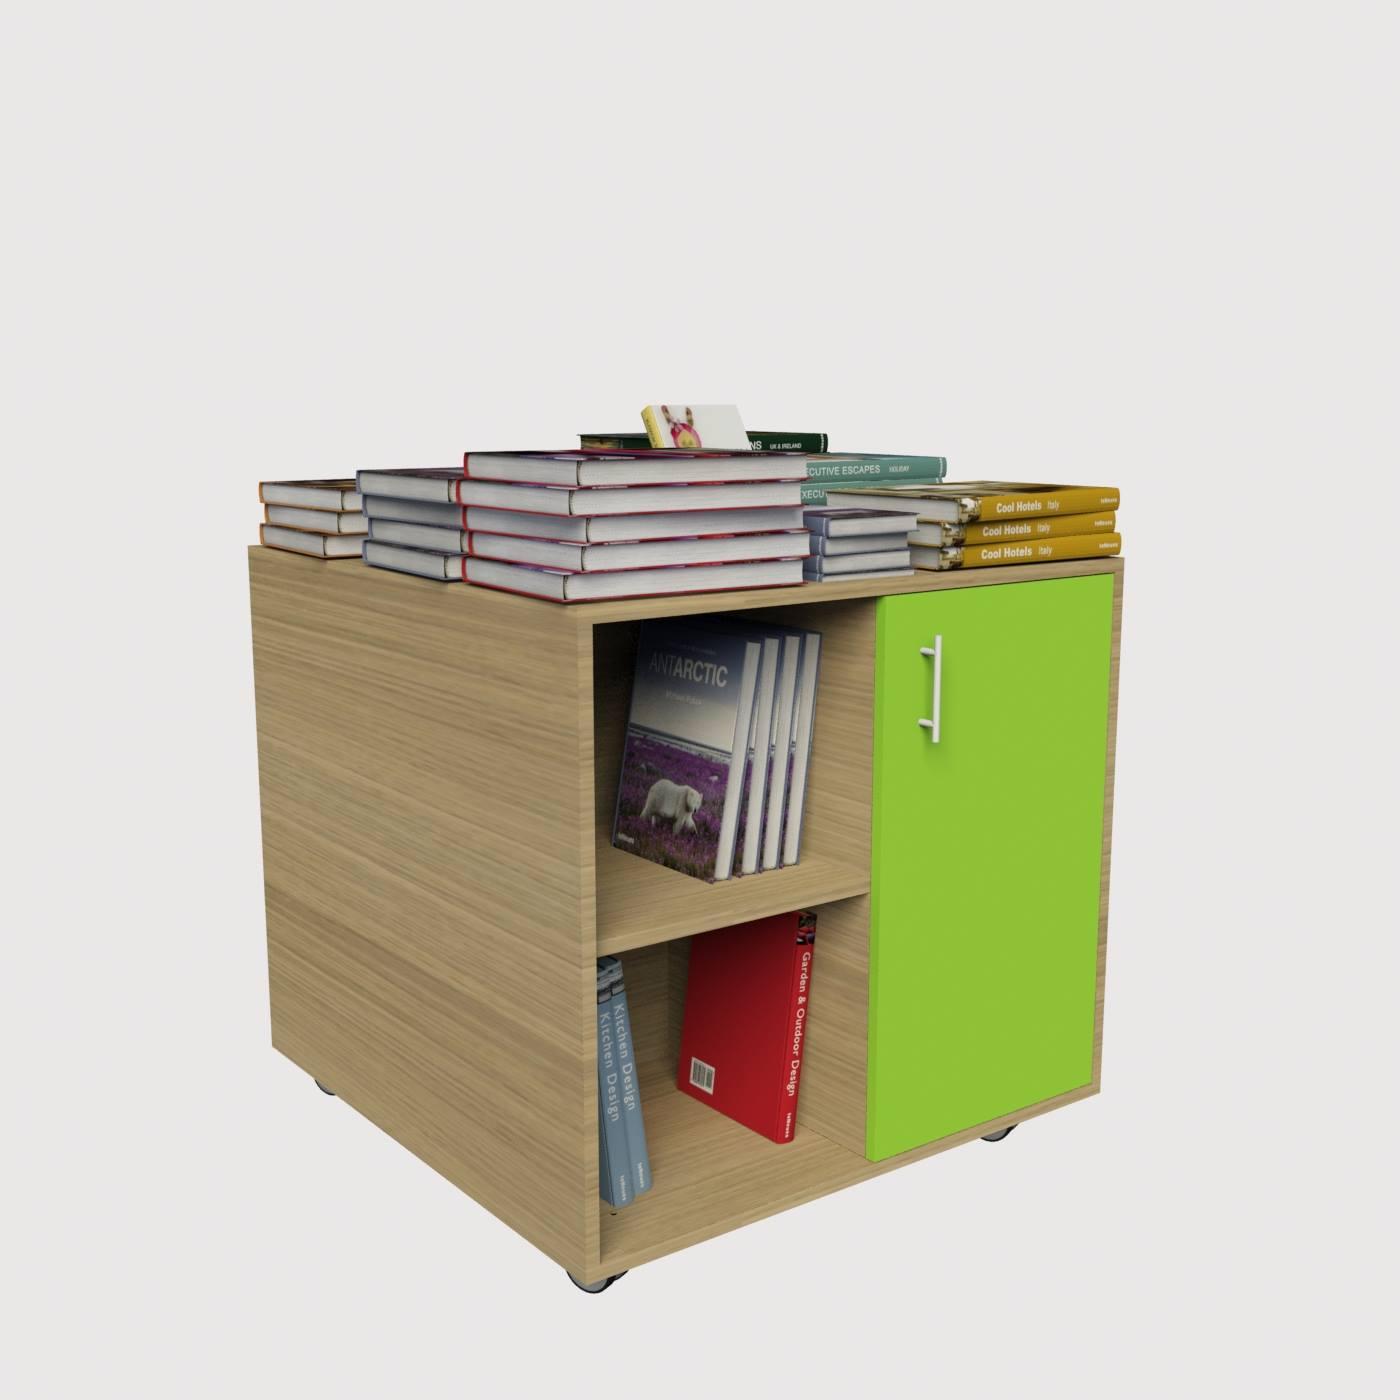 Επίπλωση βιβλιοπωλείου διακόσμηση βιβλιοπωλείων γόνδολες πάγκοι εκθετήρια βιβλιοπωλείου καταστήματα βιβλίων